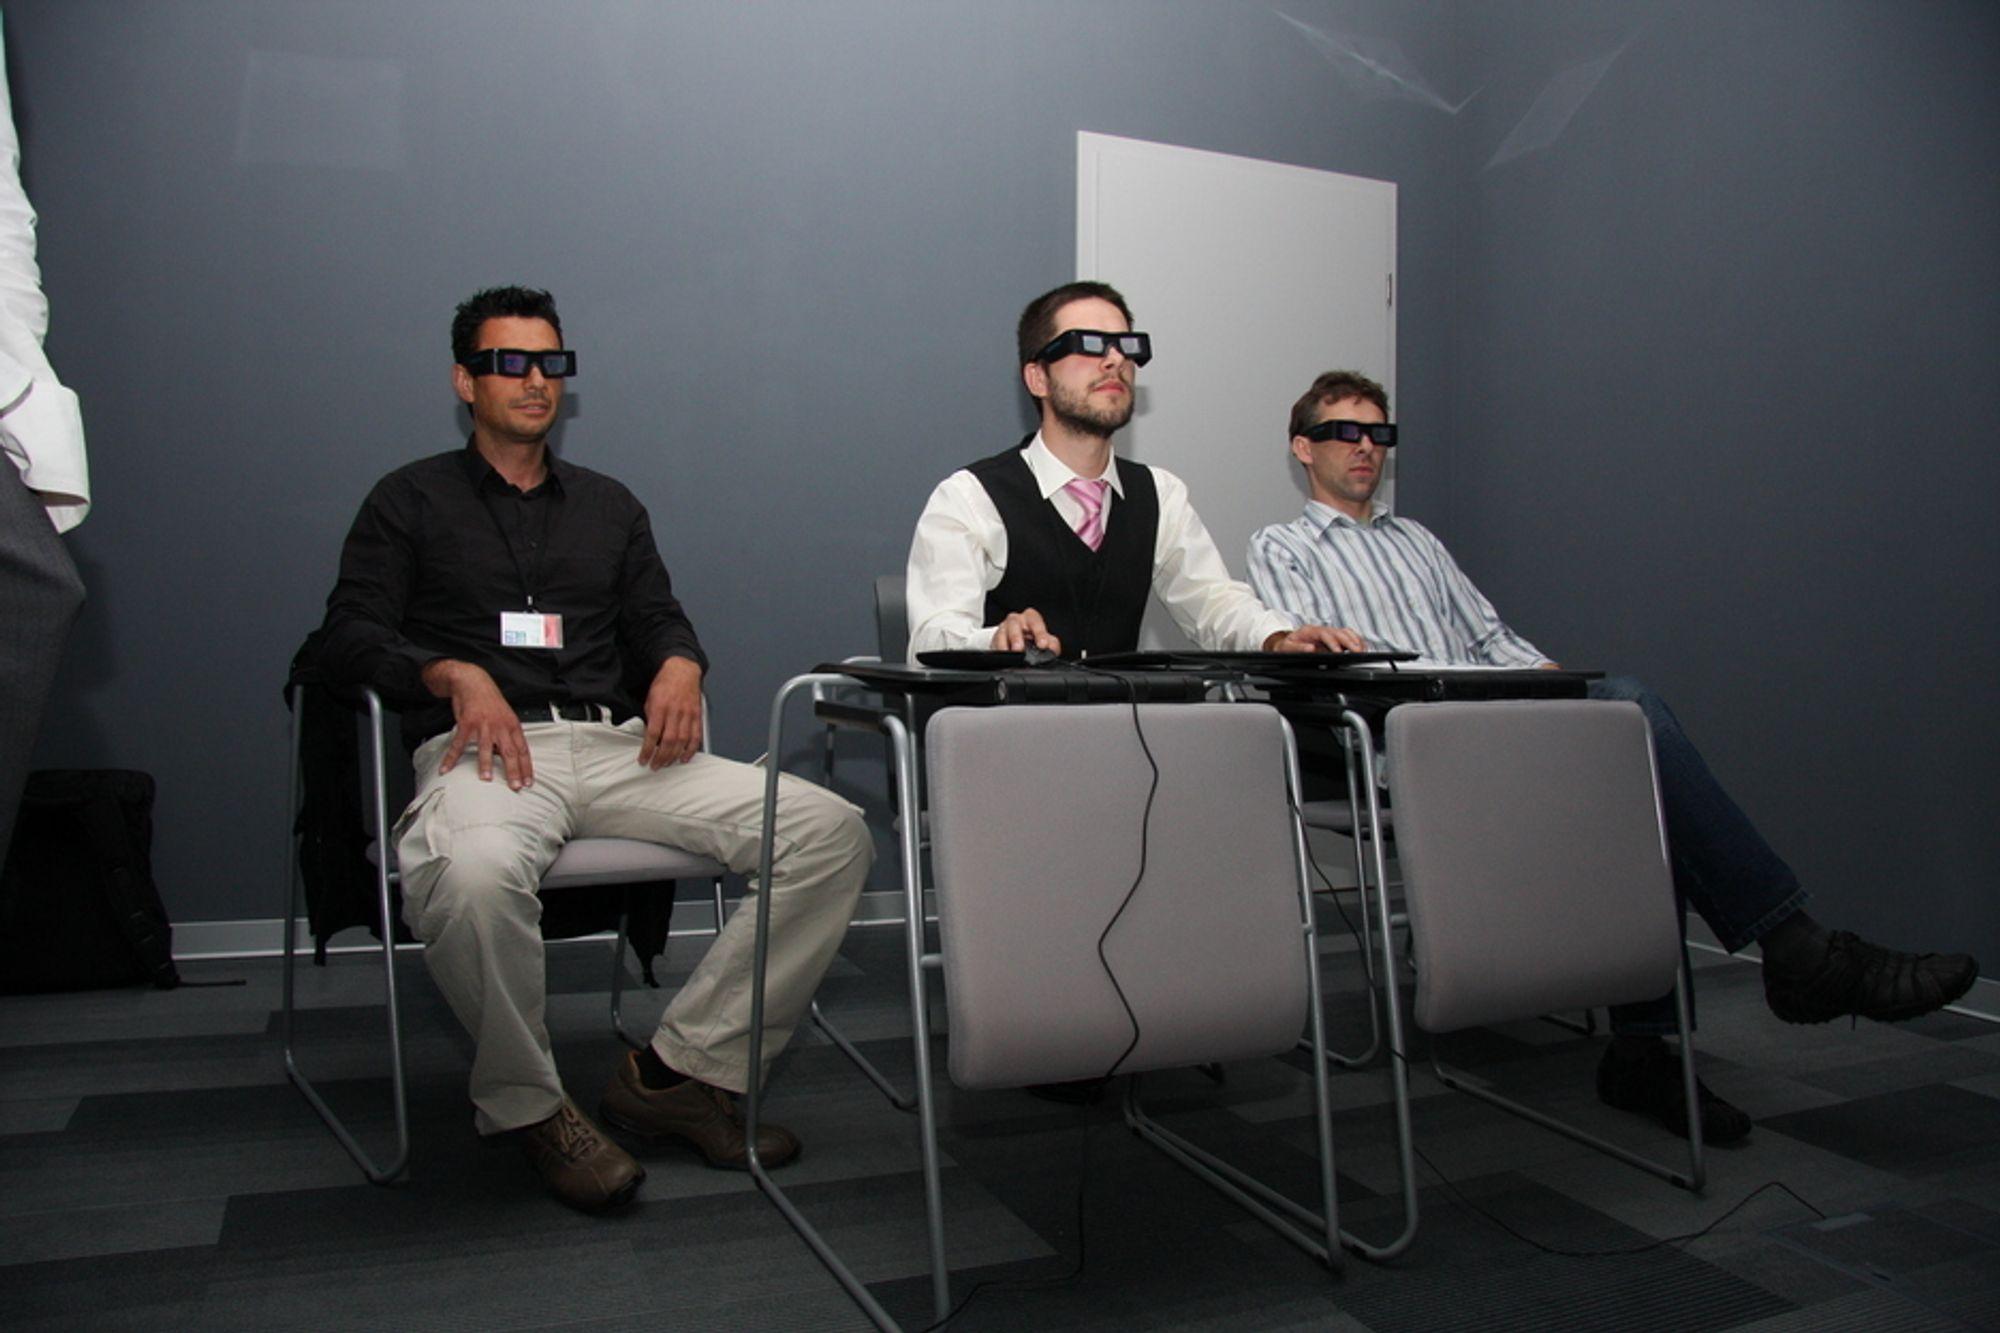 3D-ROM: Her sitter DNV-inspektør Marco Tani og Alba Leszek og får videreutdannelse med DNVs nye simulator. I midten Pawel Lapinski fra DNV Polen, som har vært med på utviklingsarbeidet.